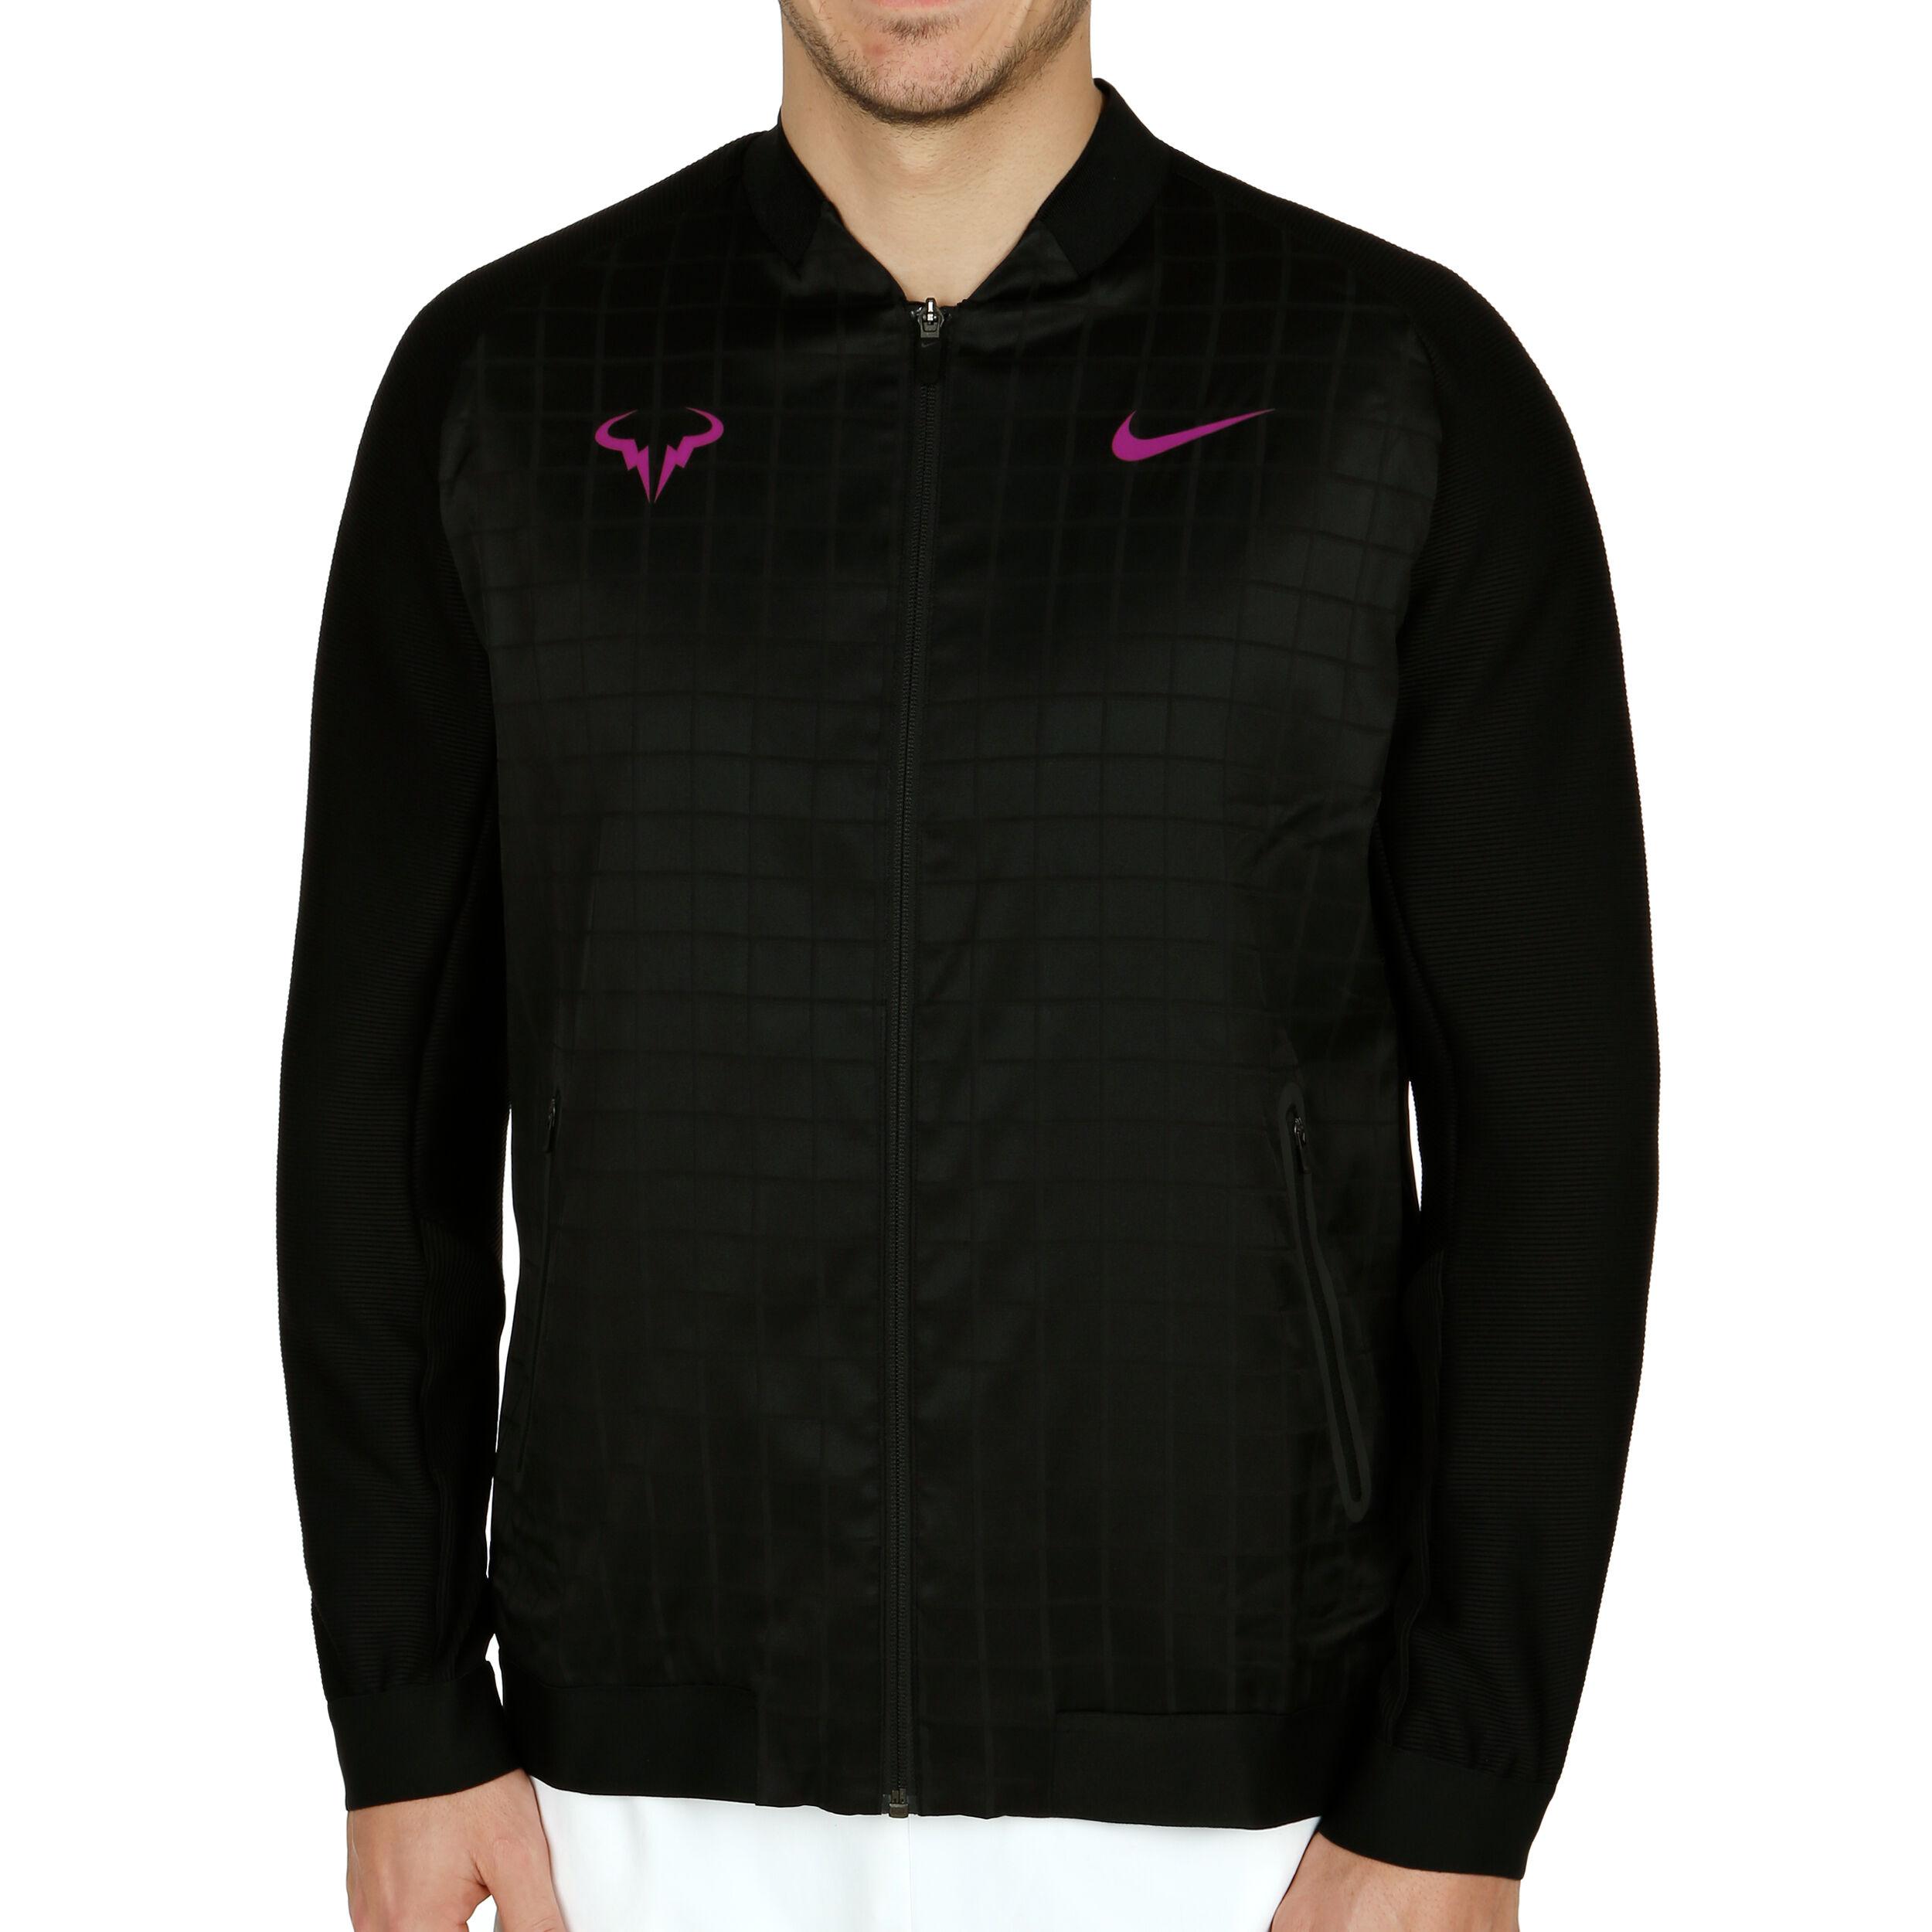 Nike Rafael Nadal Court Premier Veste De Survêtement Hommes